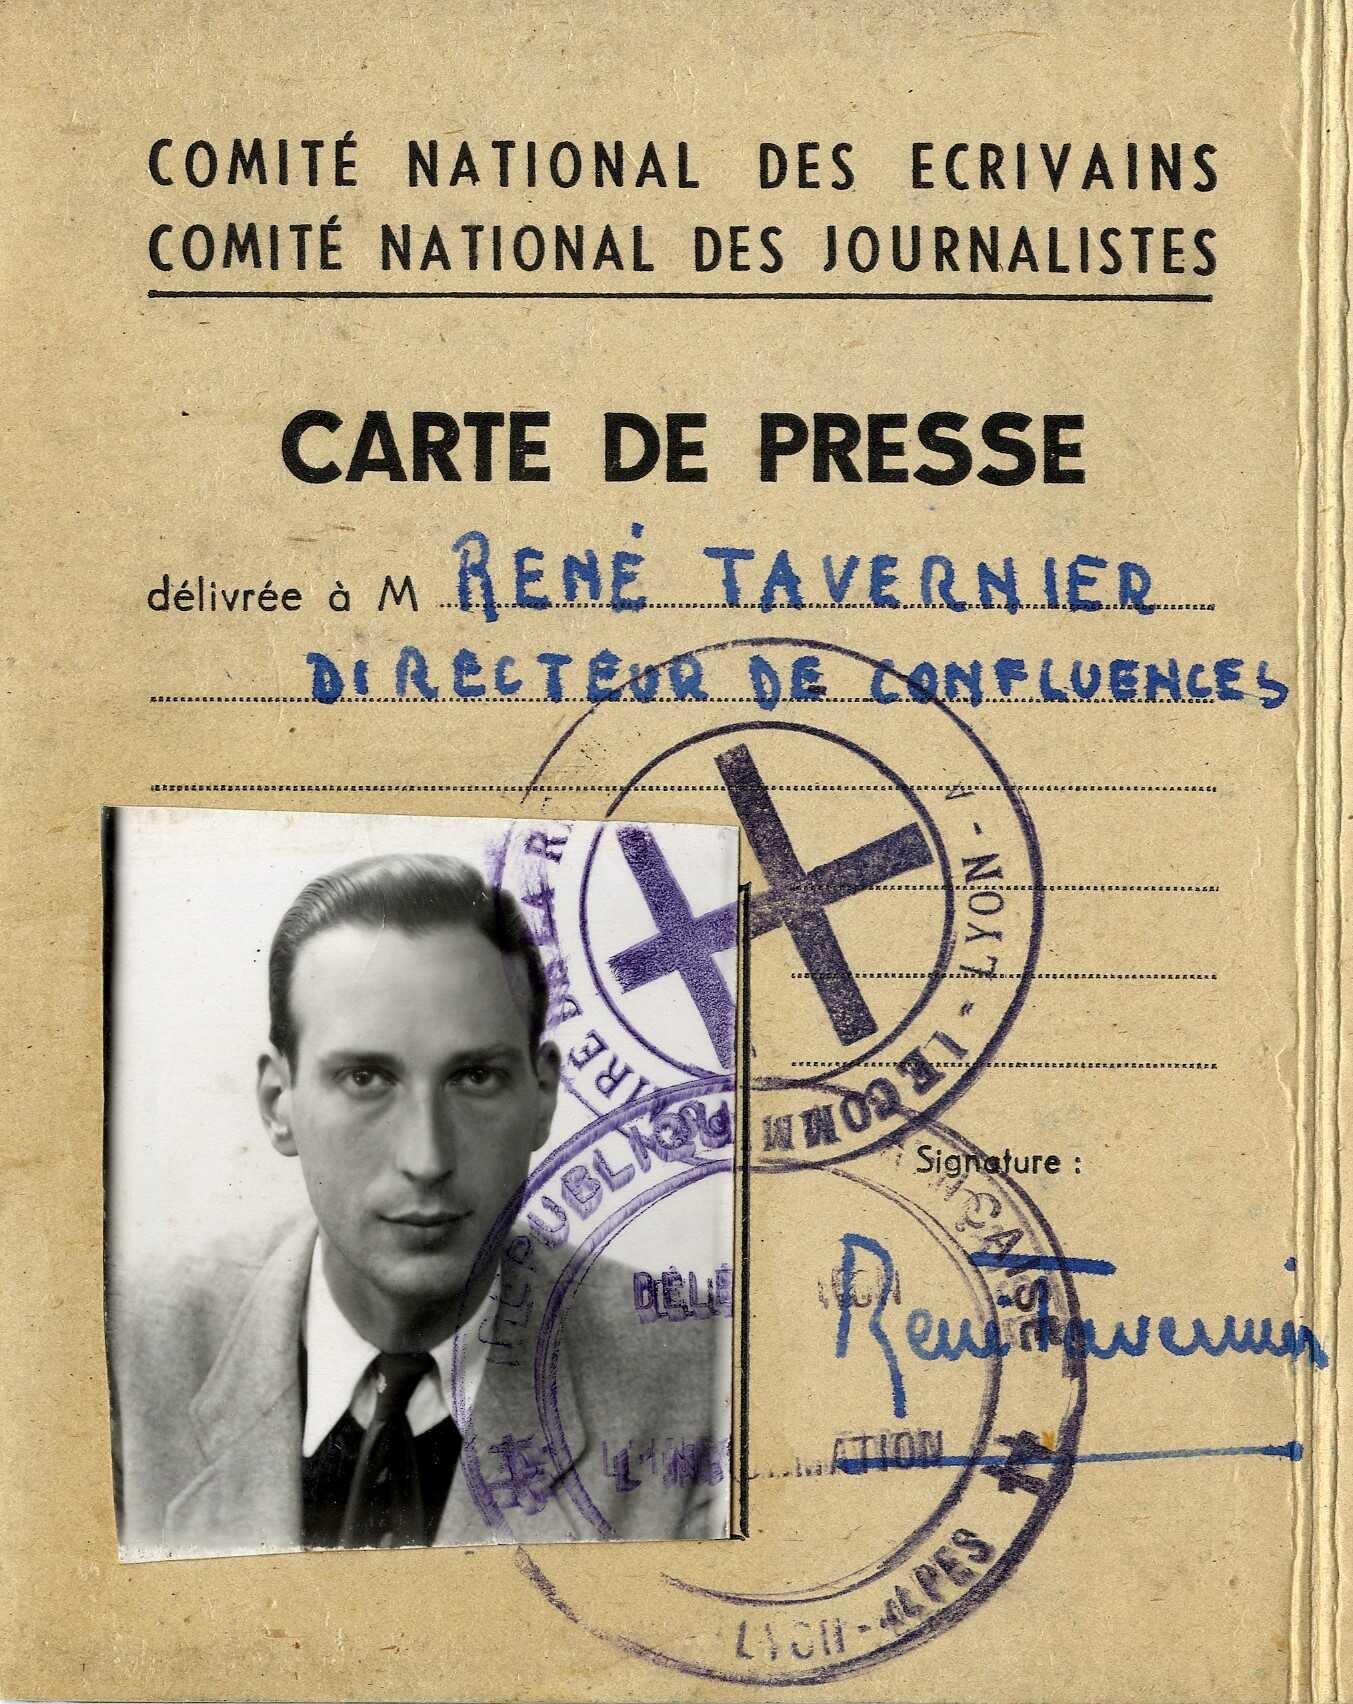 image for Tavernier, René (1915-1989)